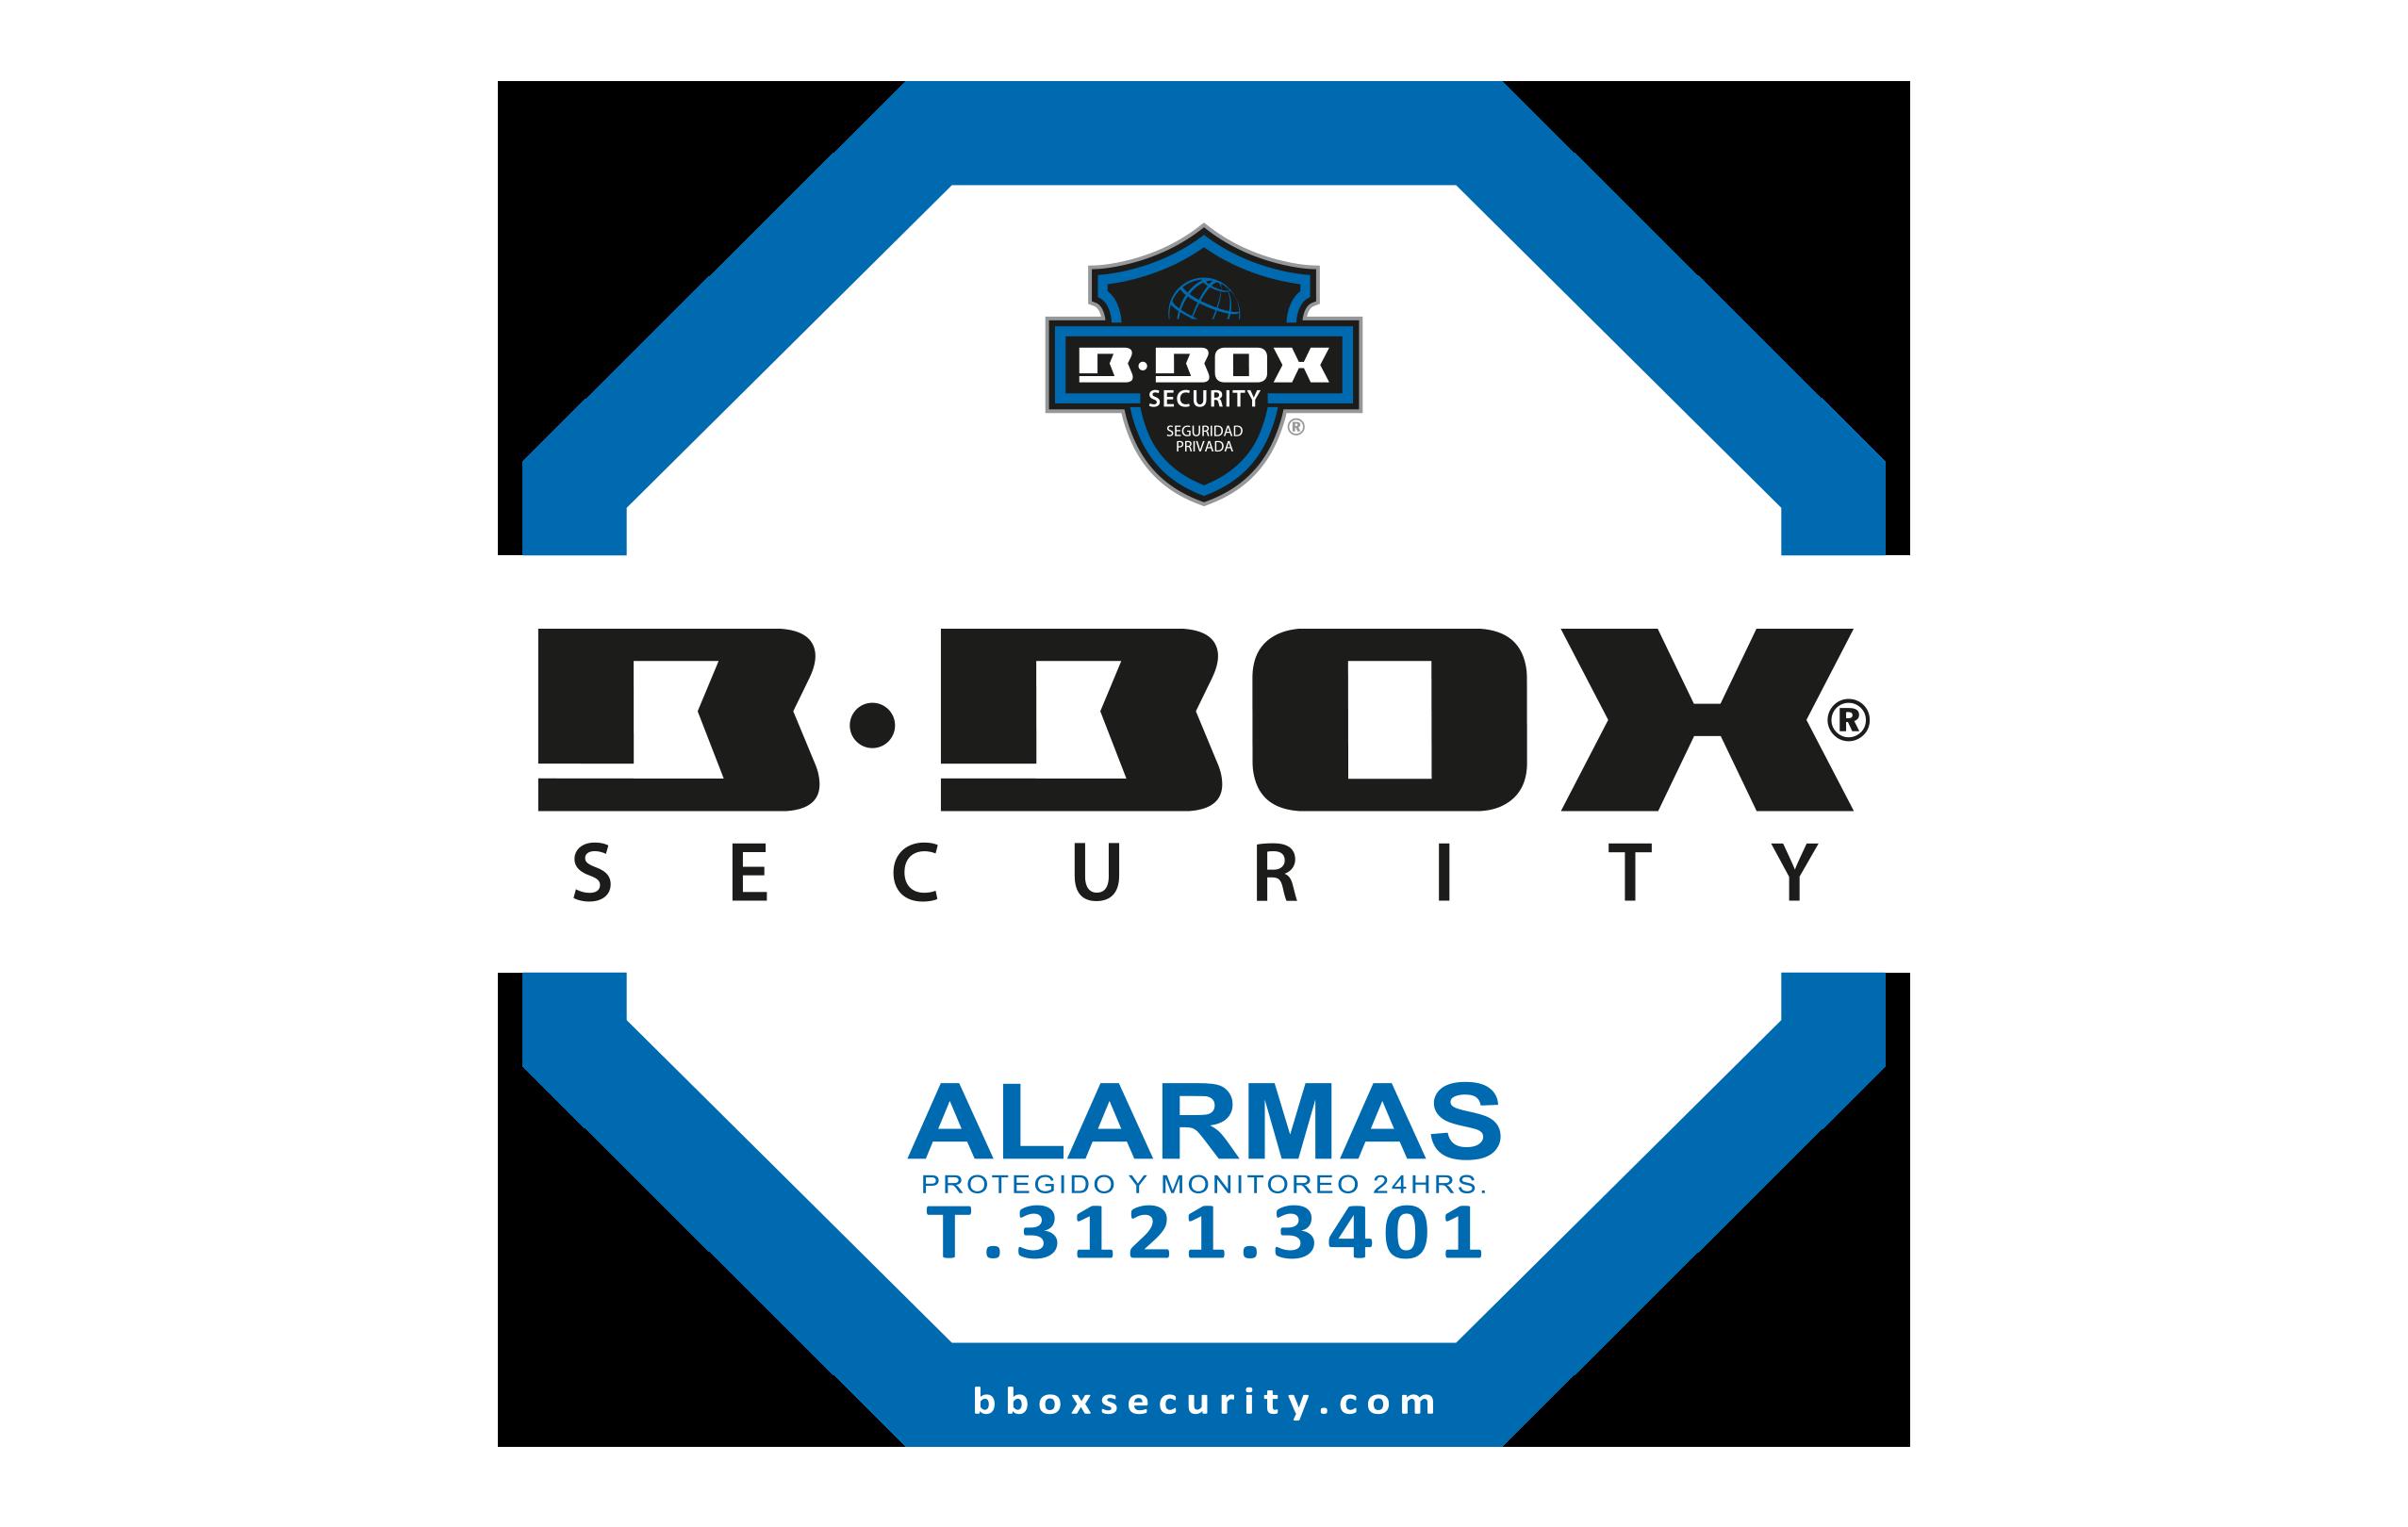 BBOX Security Seguridad monitoreo de alarma logo - Servicio de Monitoro de Alarma en Guadalajara   BBOX Security